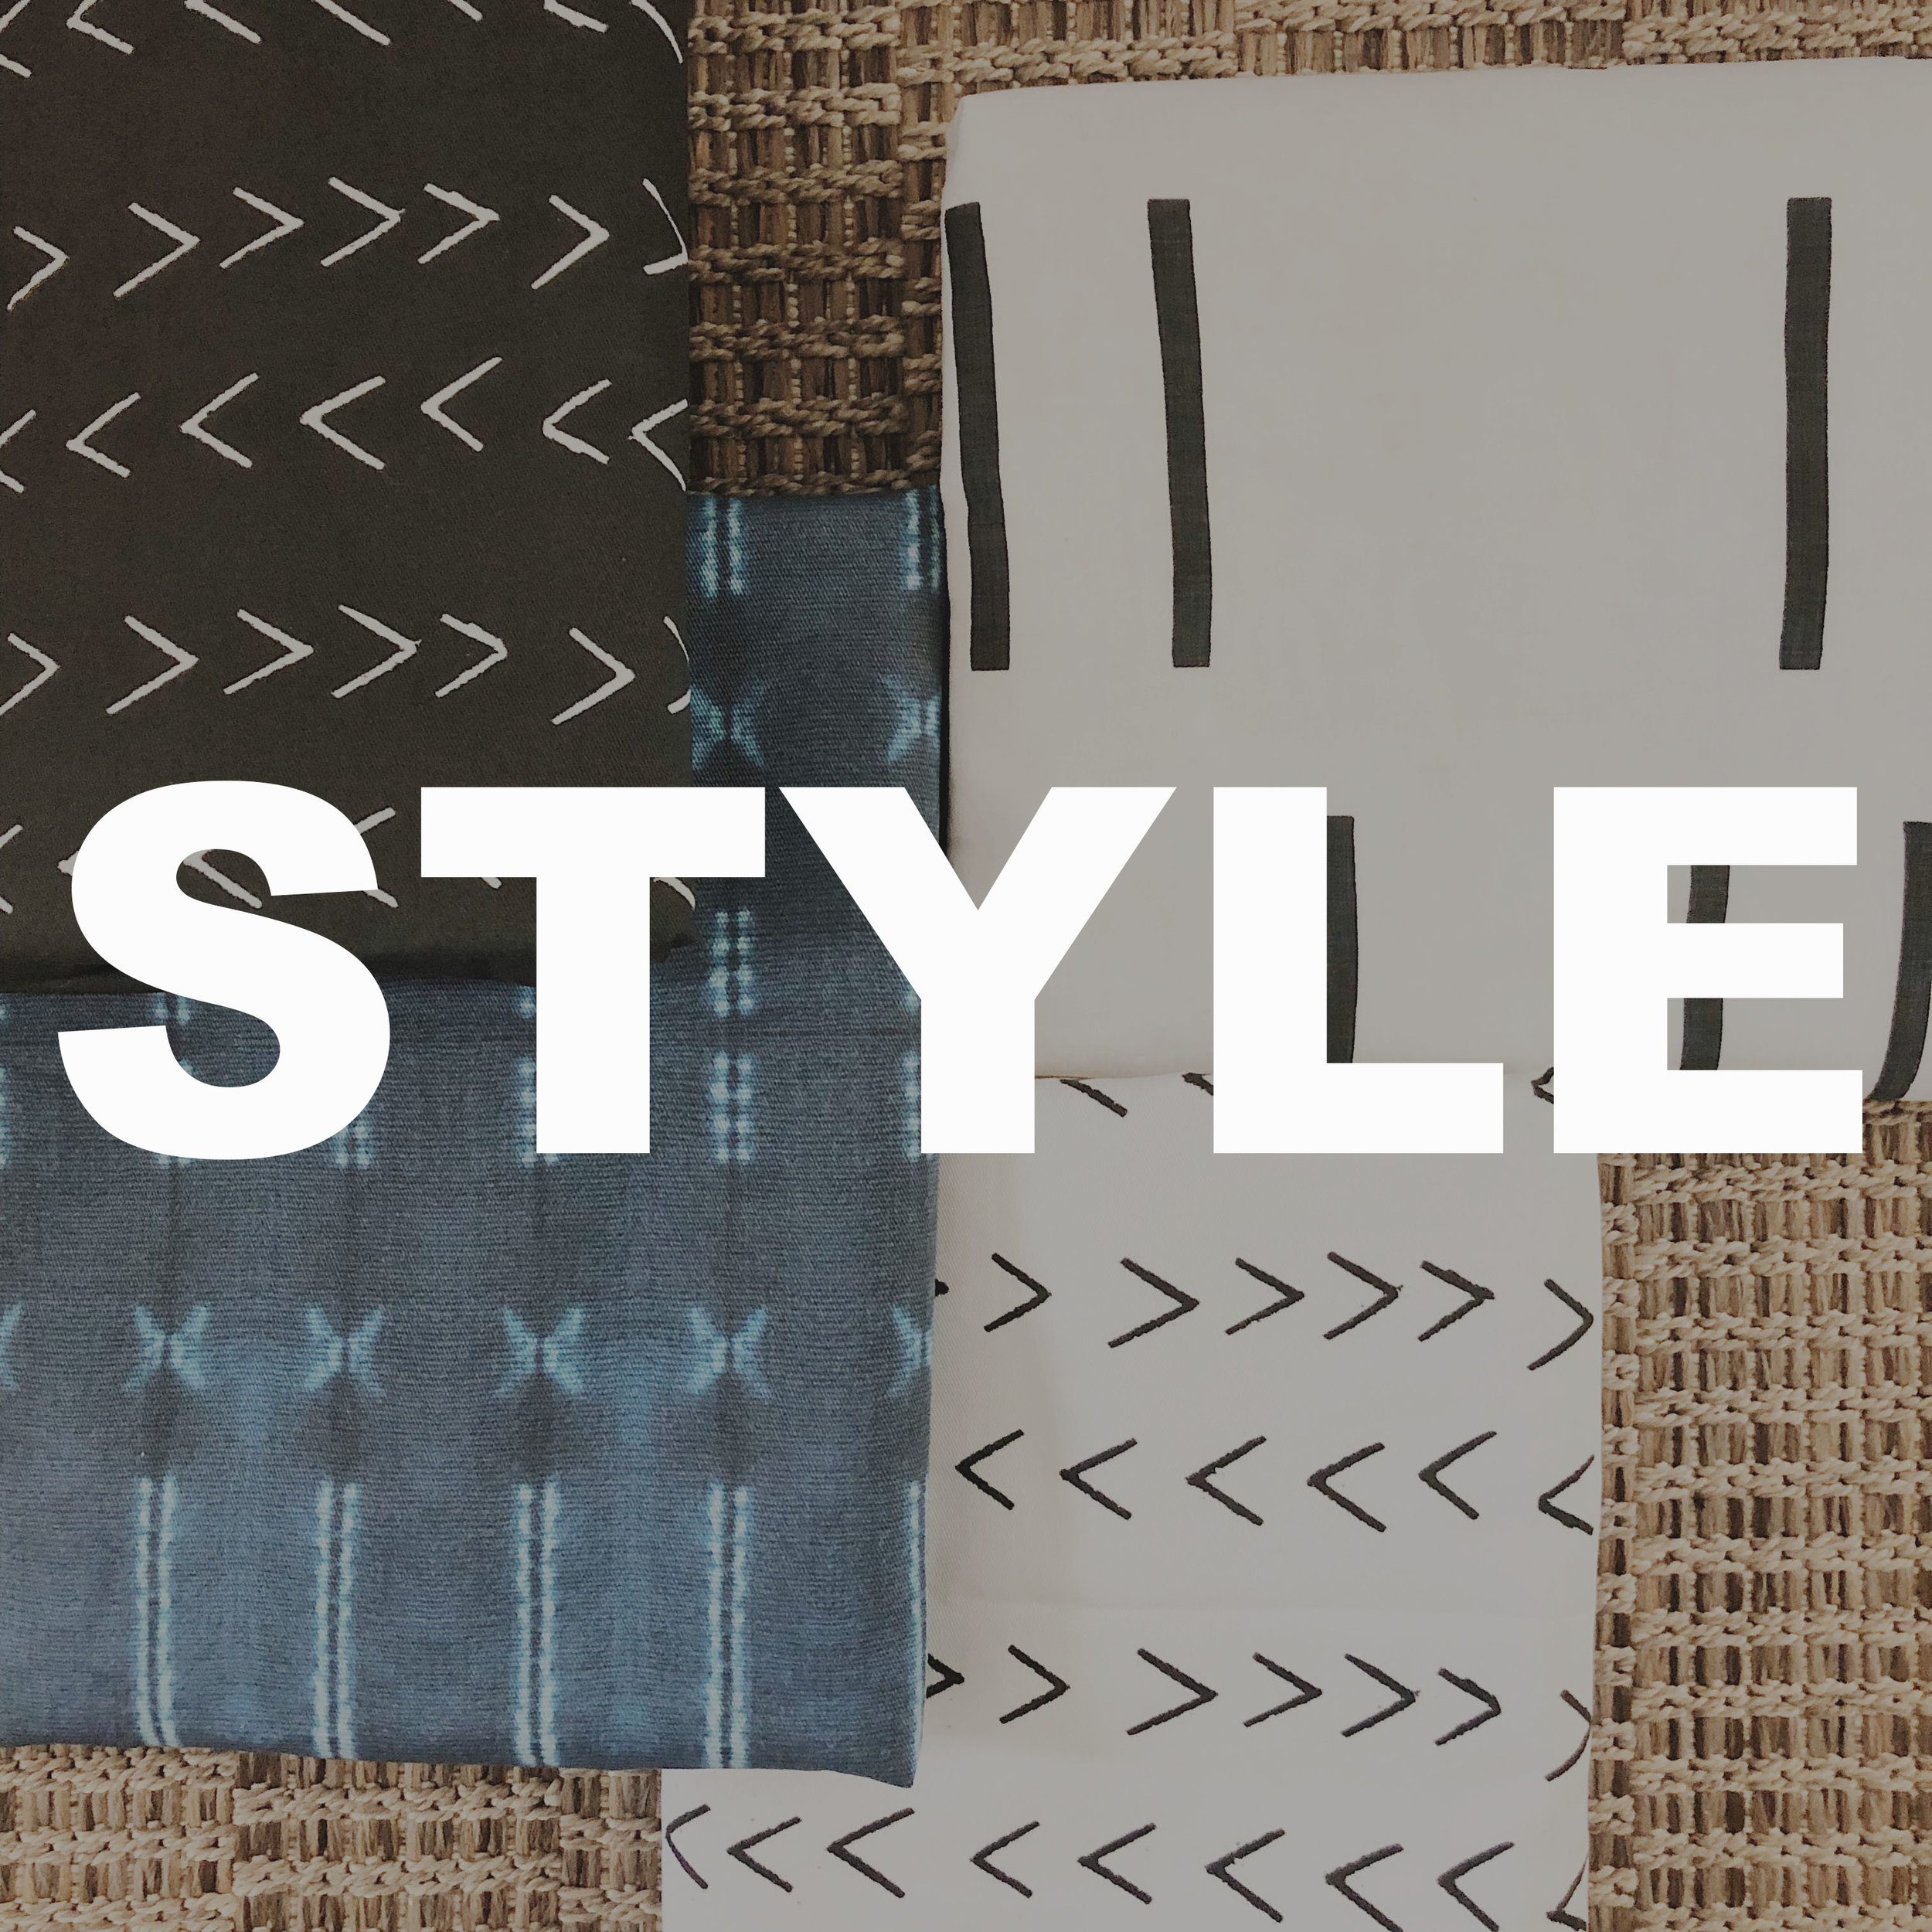 LE DESIGN ACCESSIBLE - Profitez d'une jolie tête-de-lit originale à un prix abordable. Tous nos motifs sont réalisés en collaboration avec des designers textiles du monde entier. Et parce que nous pensons que le style doit être à la portée de tous, nous pratiquons le prix le plus juste toute l'année.